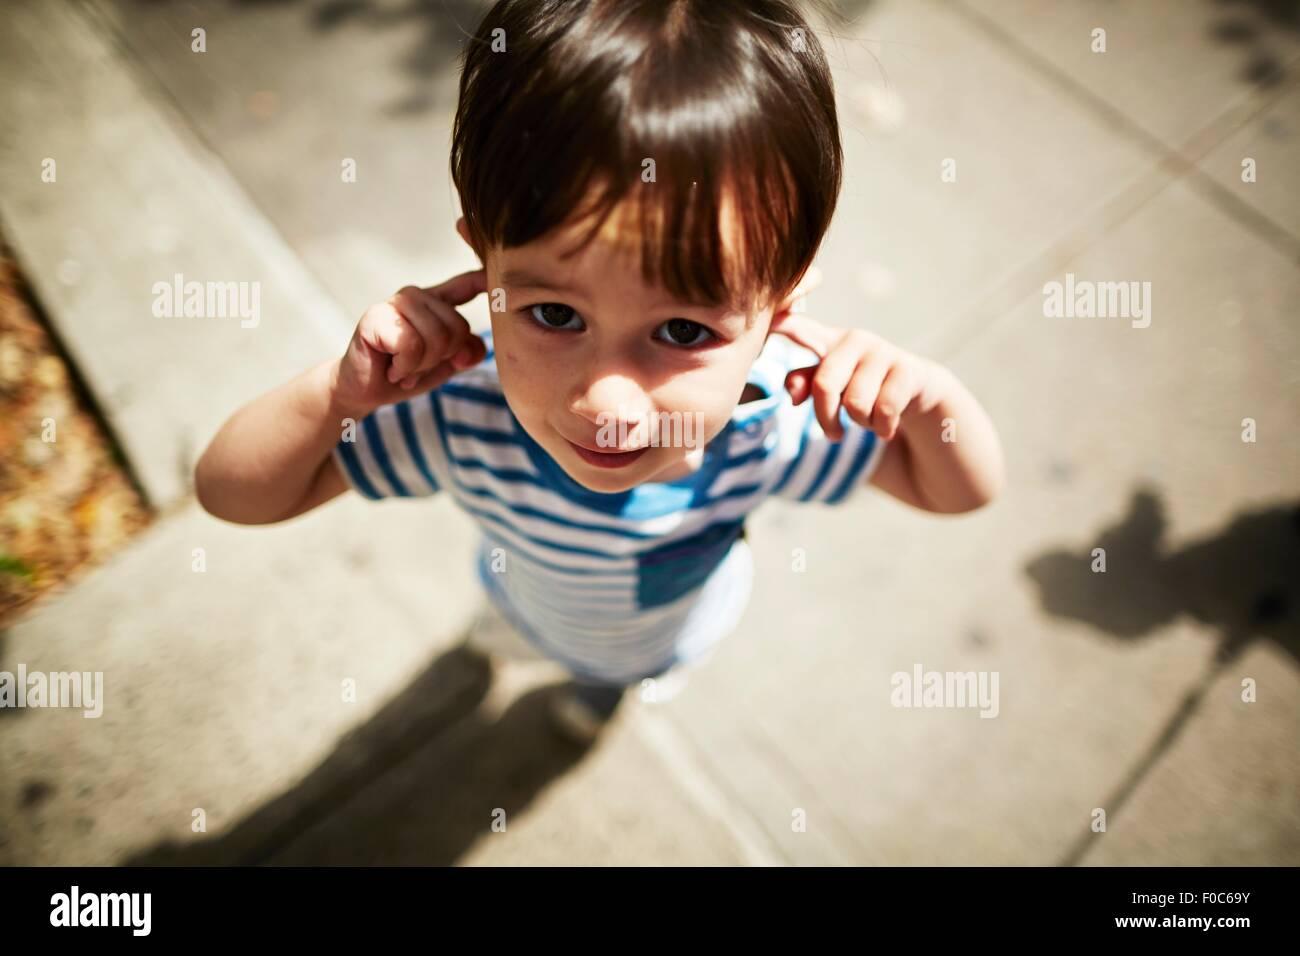 Retrato de niño de poner los dedos en los oídos en la calle Imagen De Stock